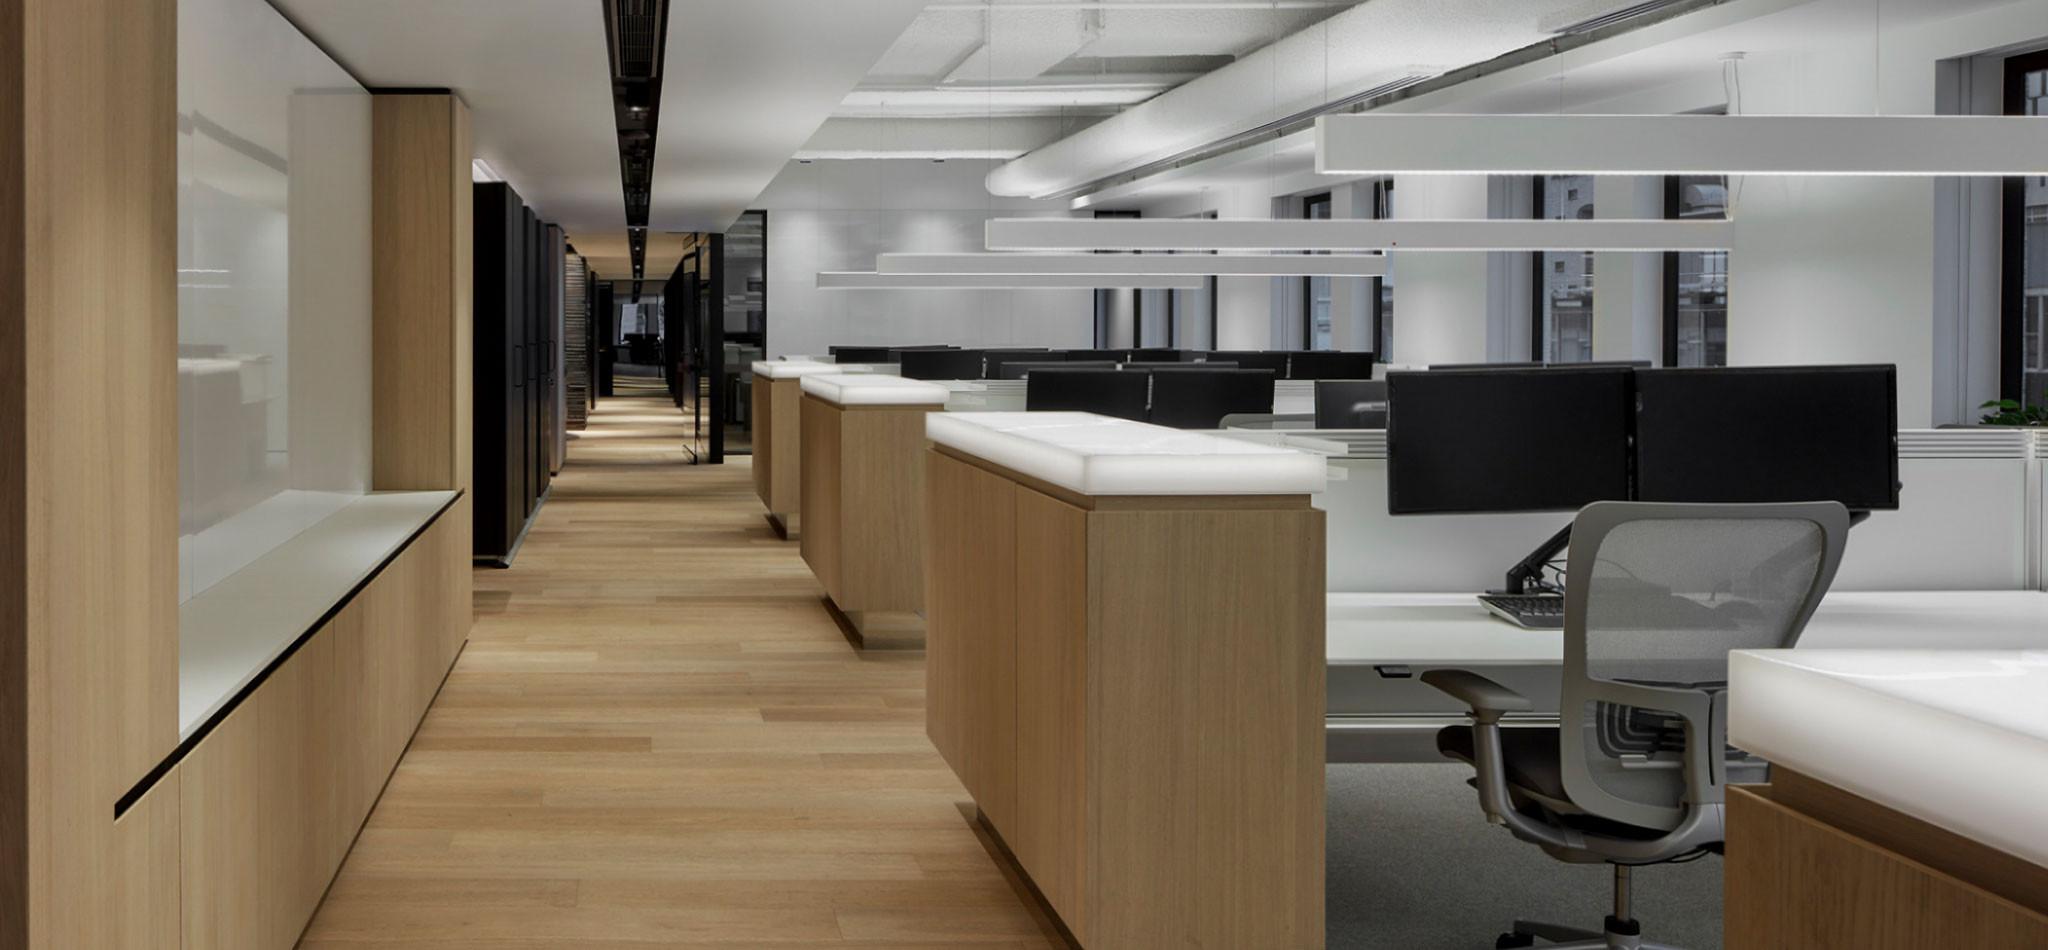 office-fitouts.jpg